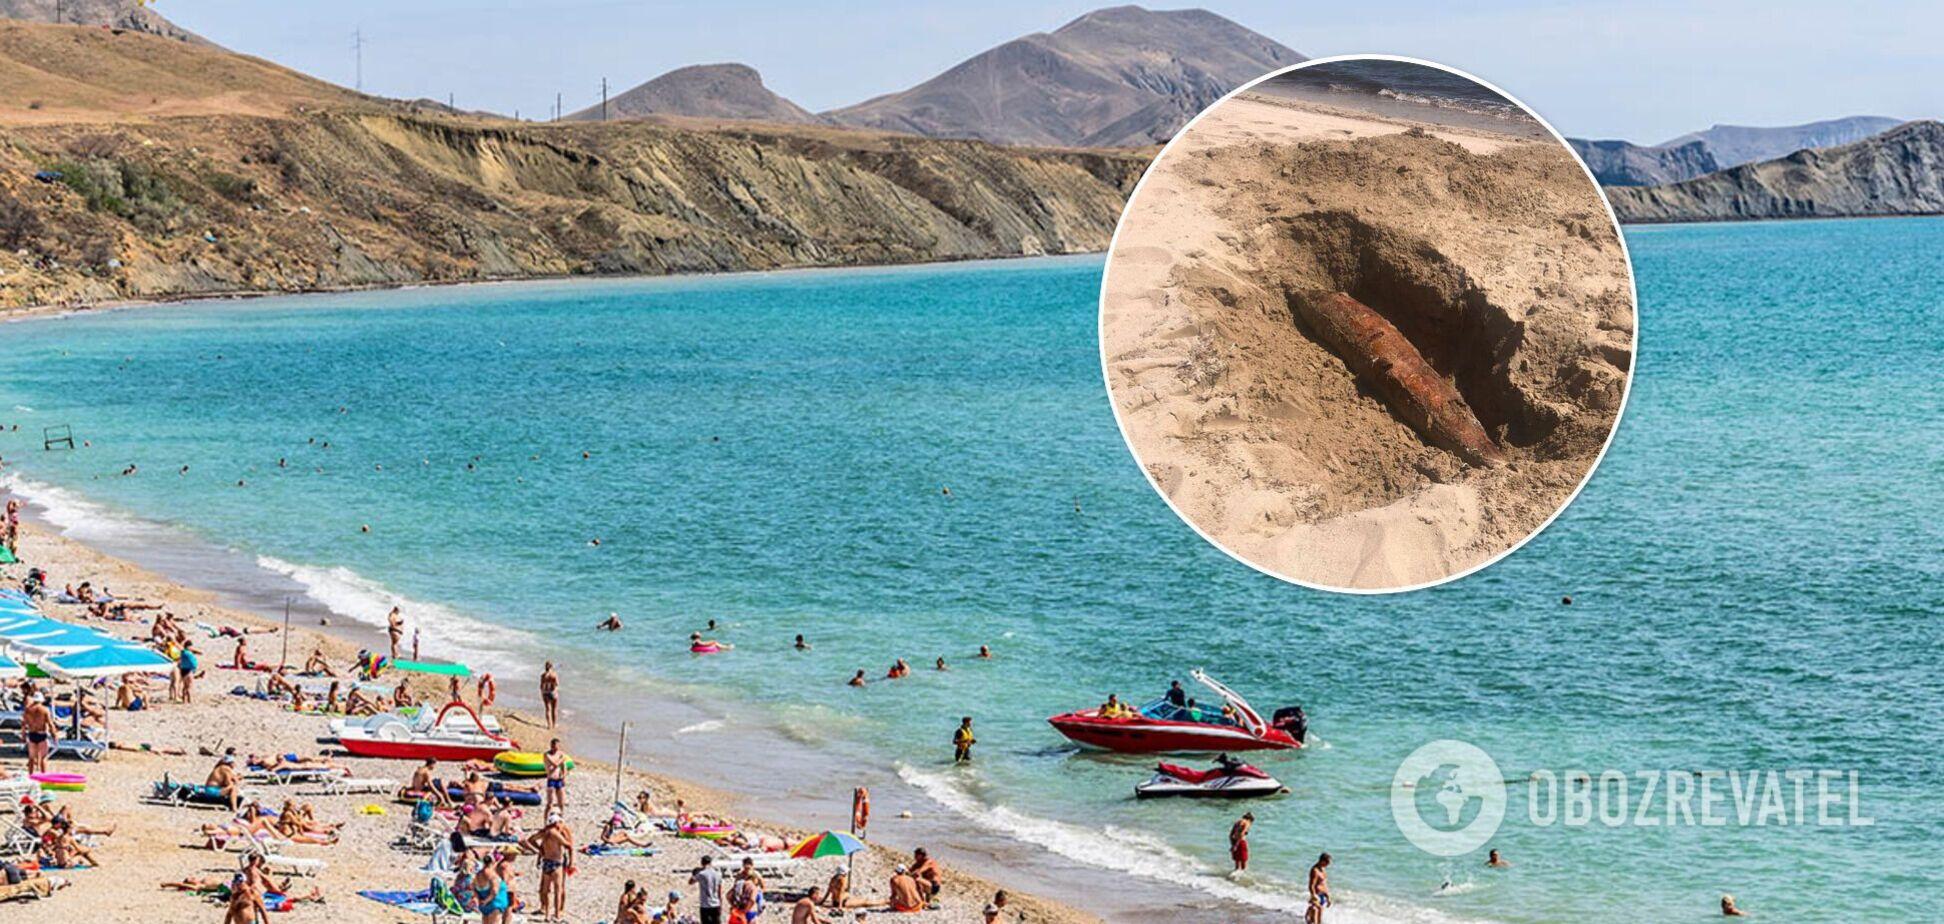 Трупи дельфінів закопують у піску, на частині пляжів купатися заборонено: свіжі фото і відео з Криму